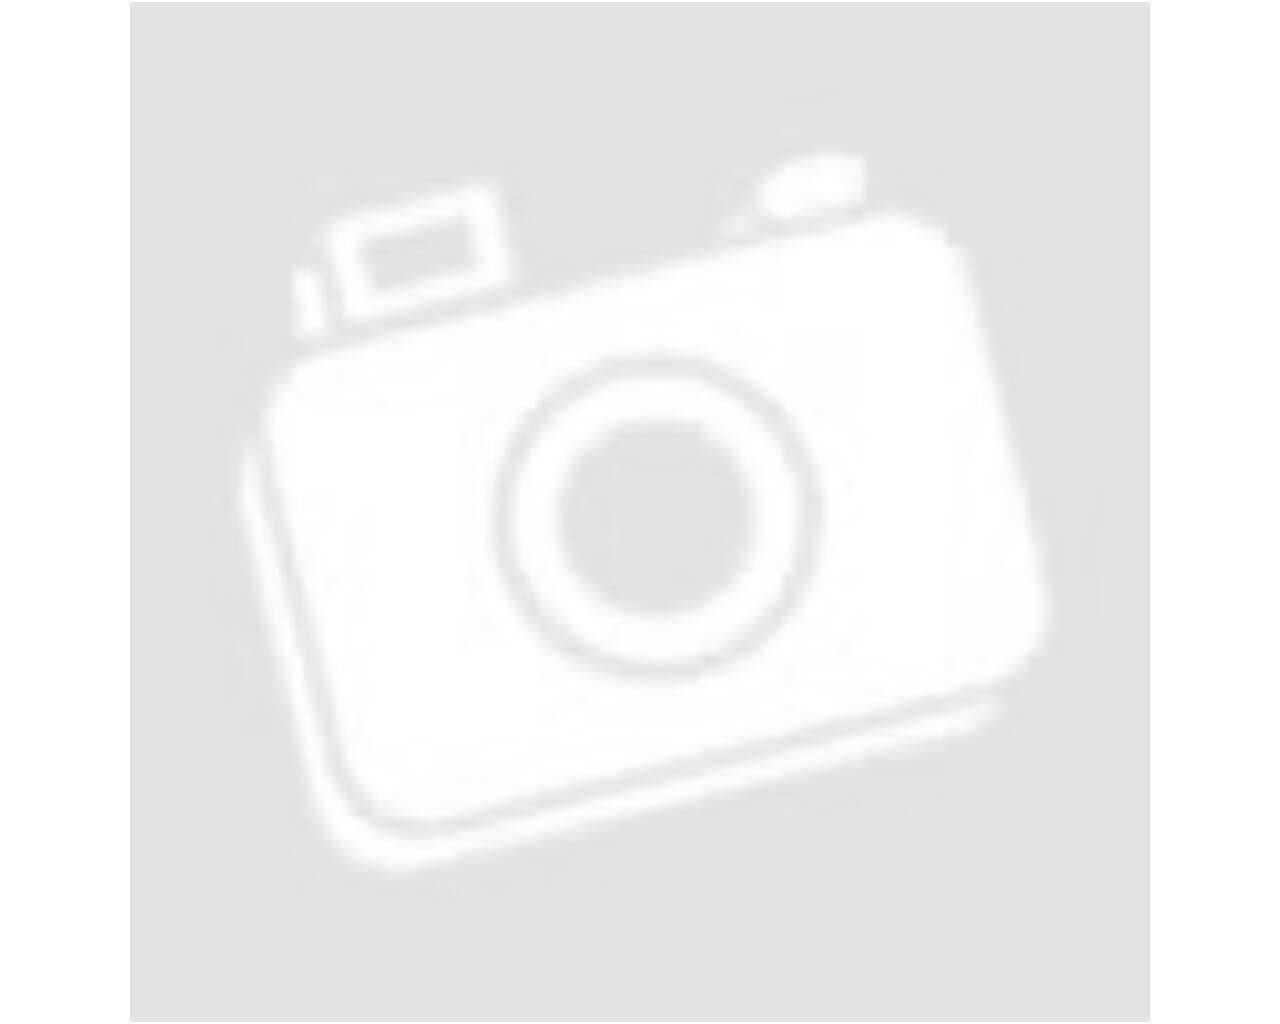 Mosdókagyló, Cersanit Canaria K11 - 0026, fehér, 55 cm